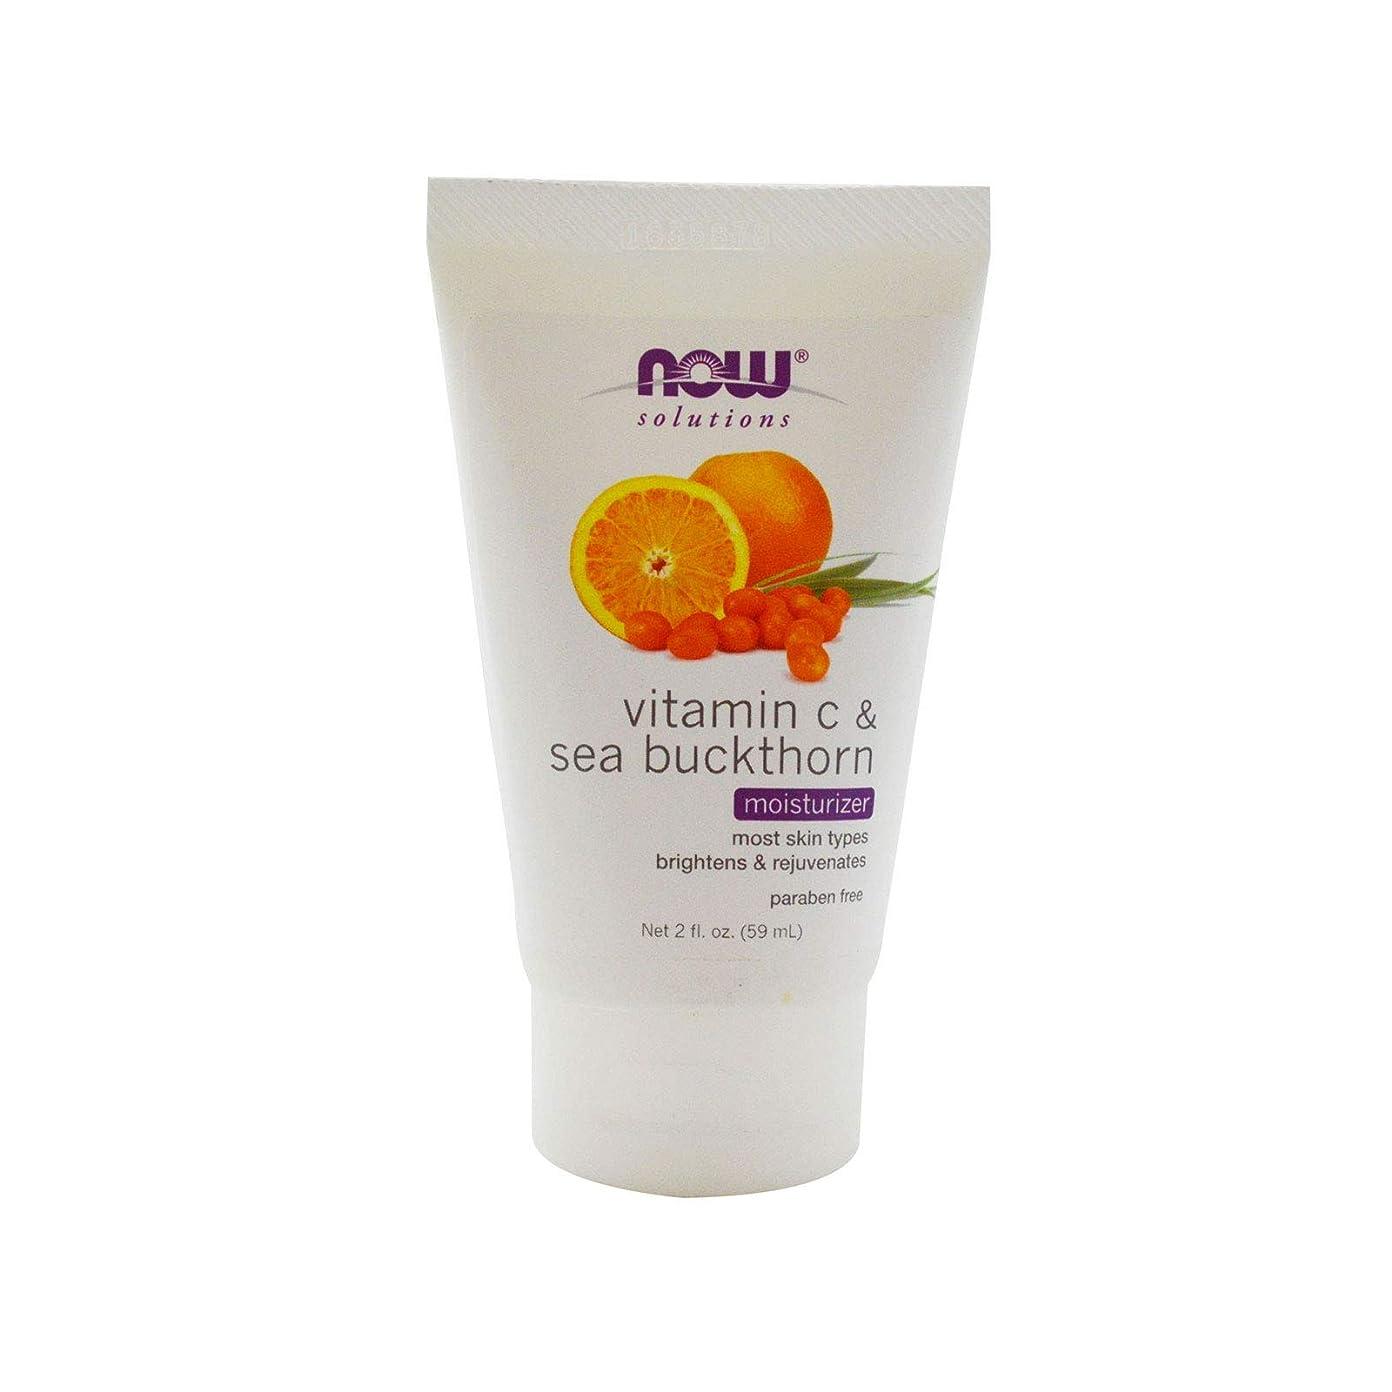 午後ファランクス森林海外直送品 Now Foods Vitamin C & Sea Buckthorn Moisturizer, 2 oz